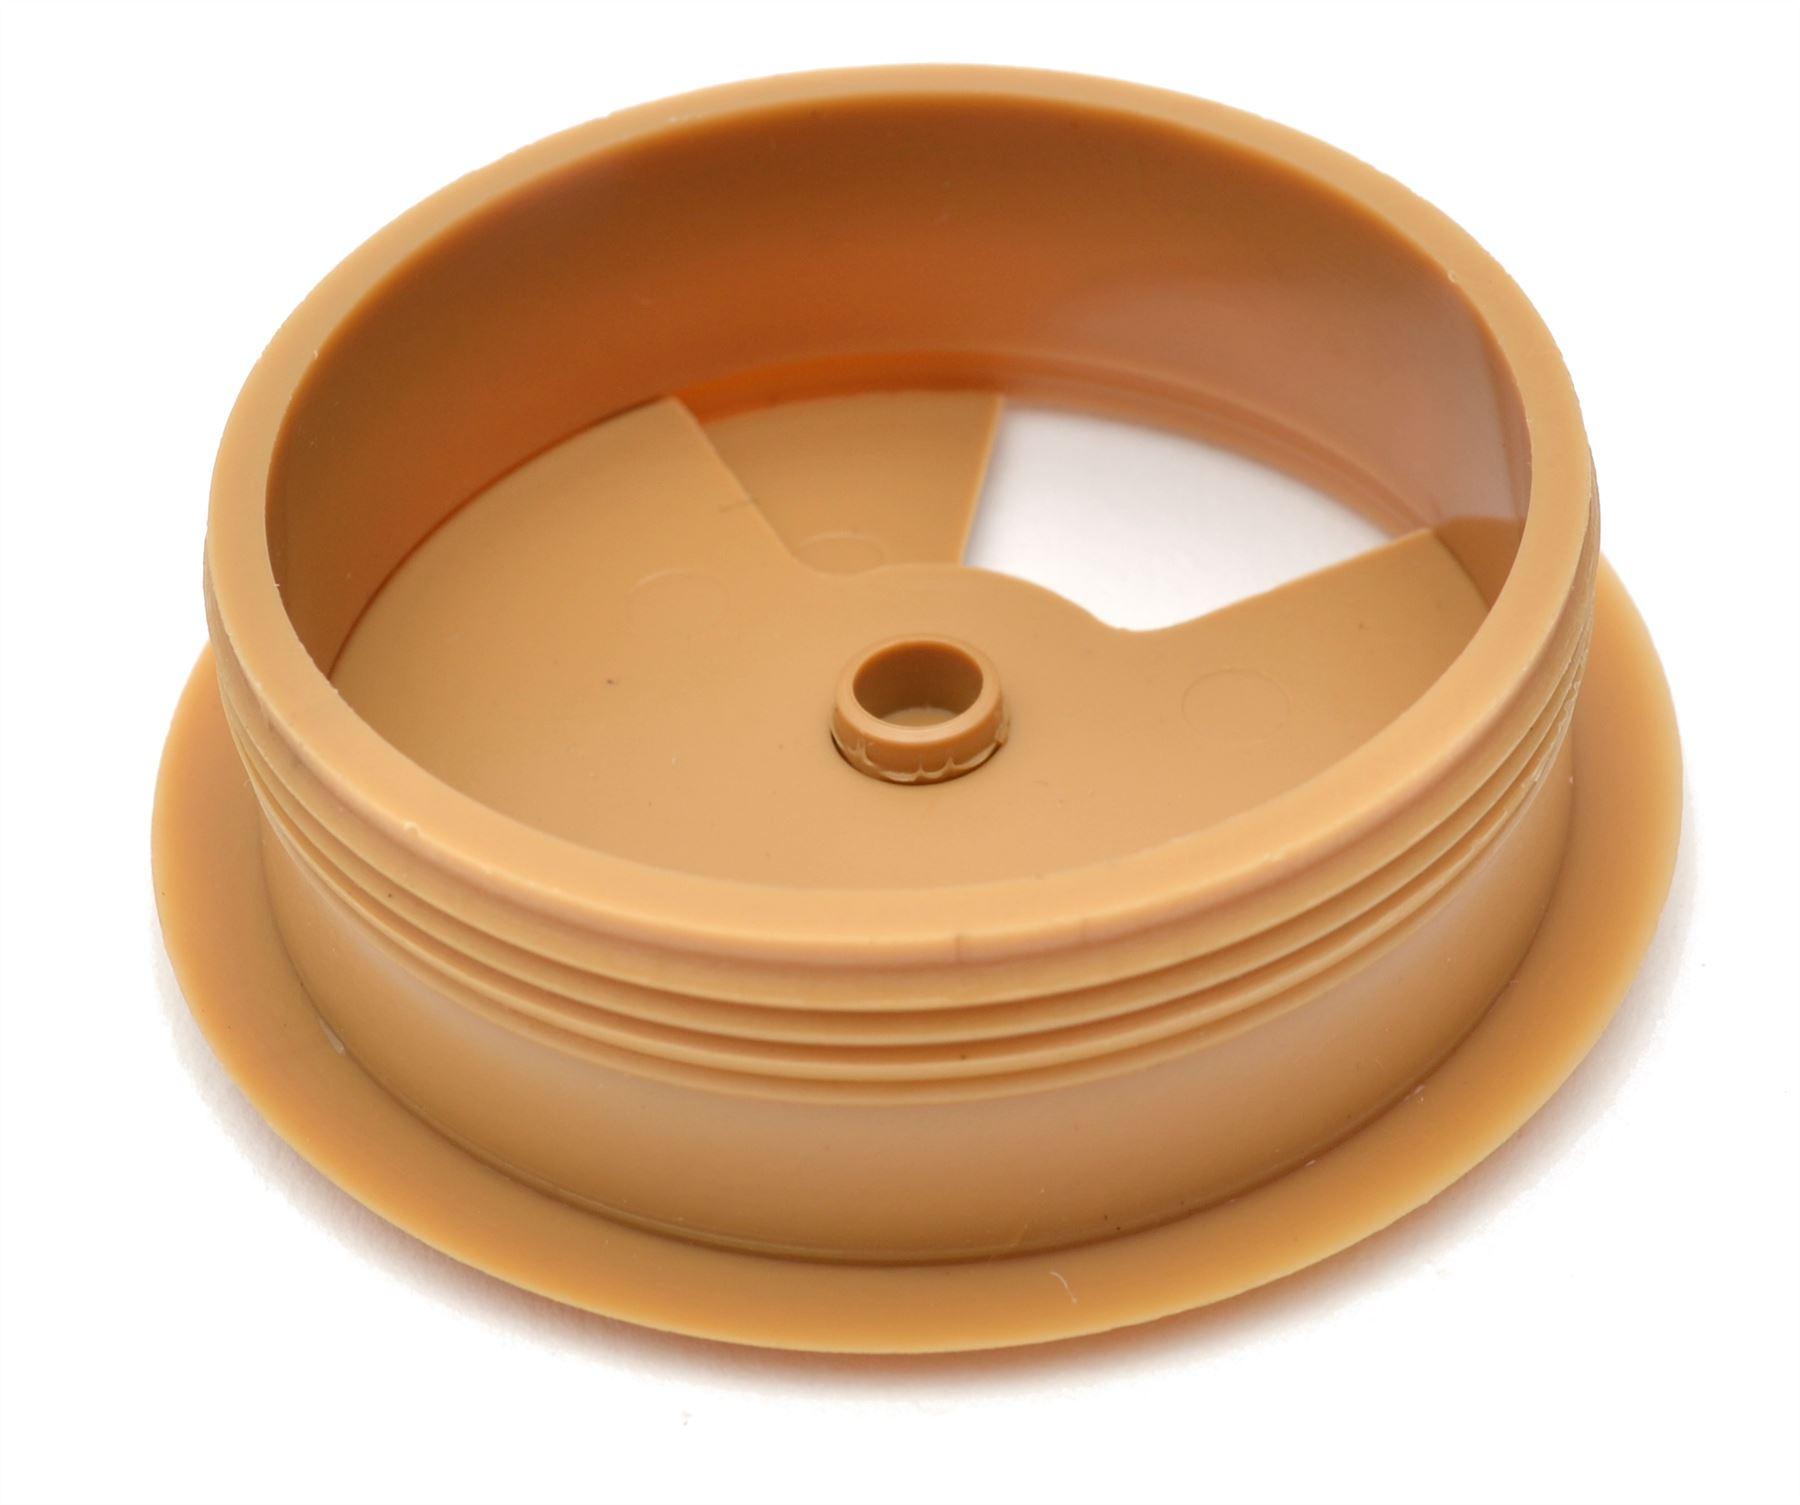 60mm-pc-computer-Scrivania-da-PLASTICA-PASSACAVO-tabella-cavo-ordinato-wire-Hole-copertura miniatura 58